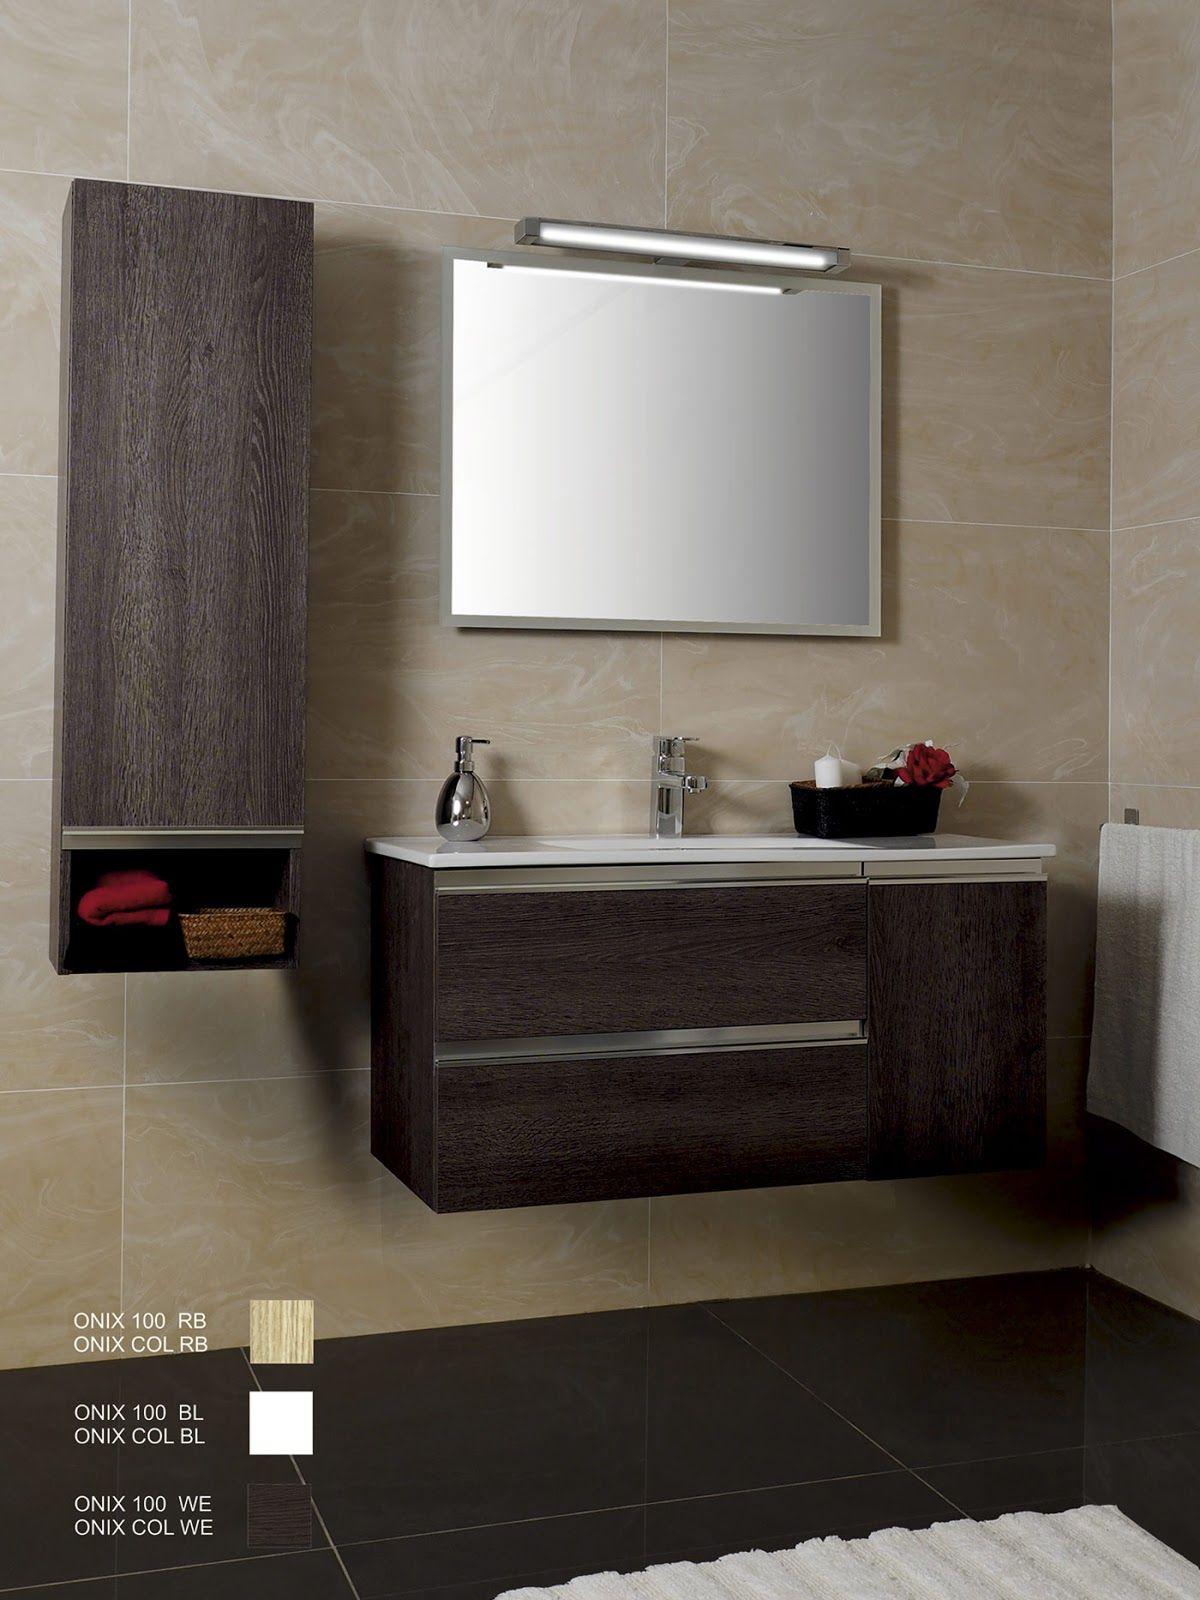 Mueble ba o suspendido 2 cajones 1 puerta lavabo incluido - Diseno de banos online ...